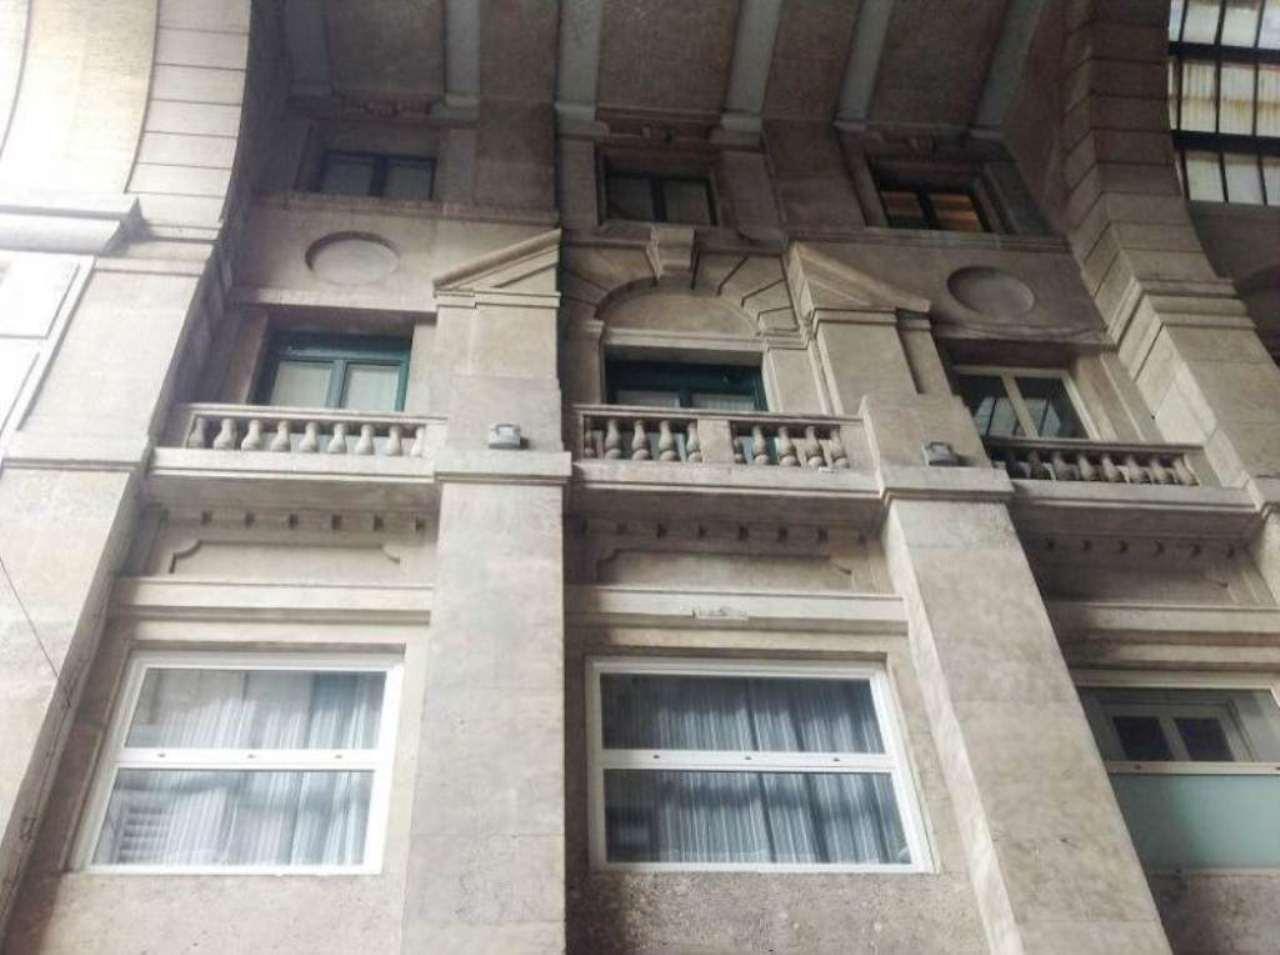 Appartamento in vendita a milano mi centro storico for Vendita case milano centro